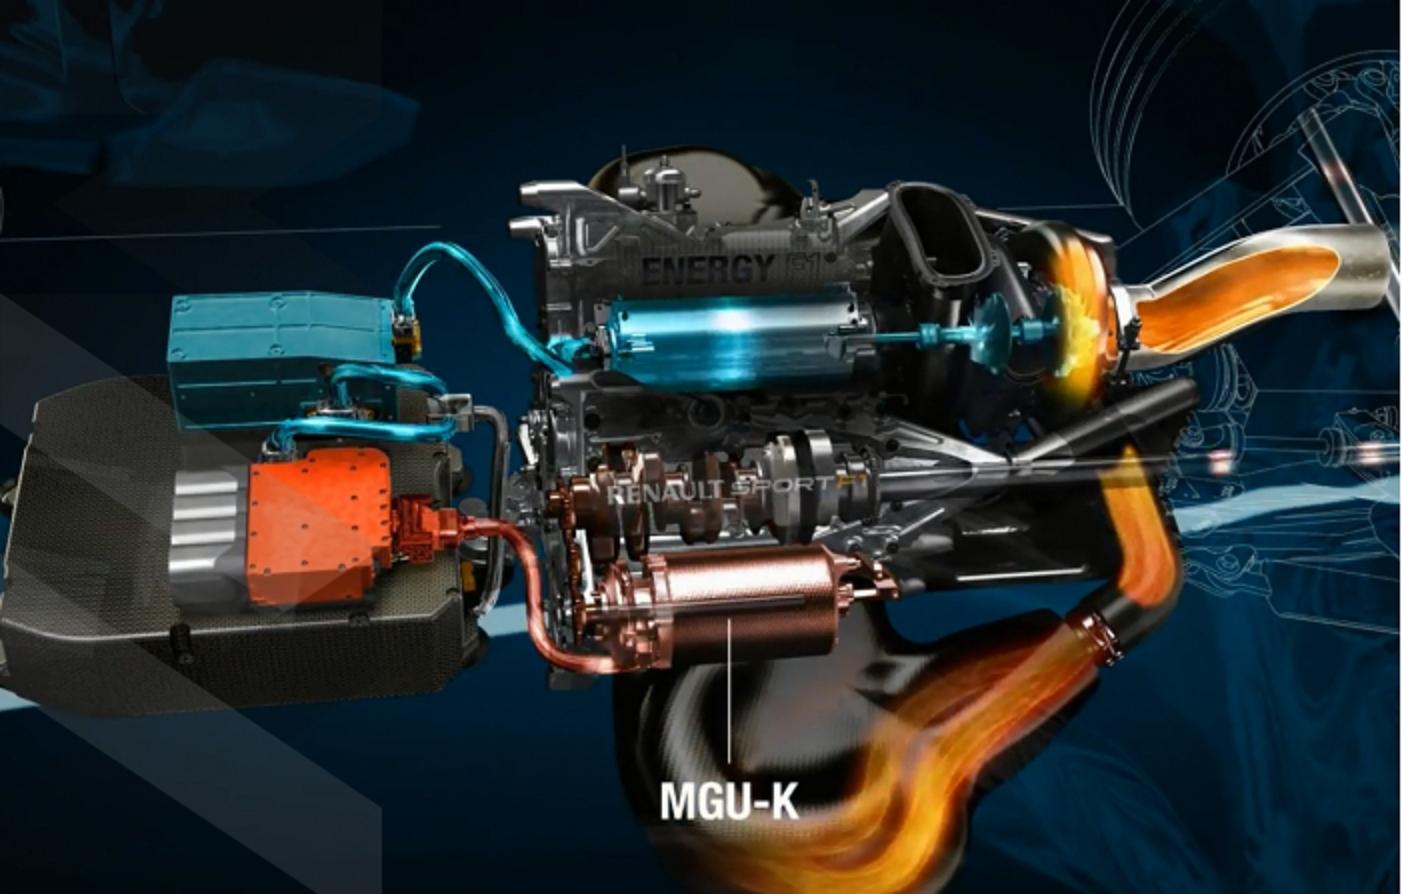 motori turbo ibridi in f1 come funzionano e cosa sono mgu k ed mgu h. Black Bedroom Furniture Sets. Home Design Ideas